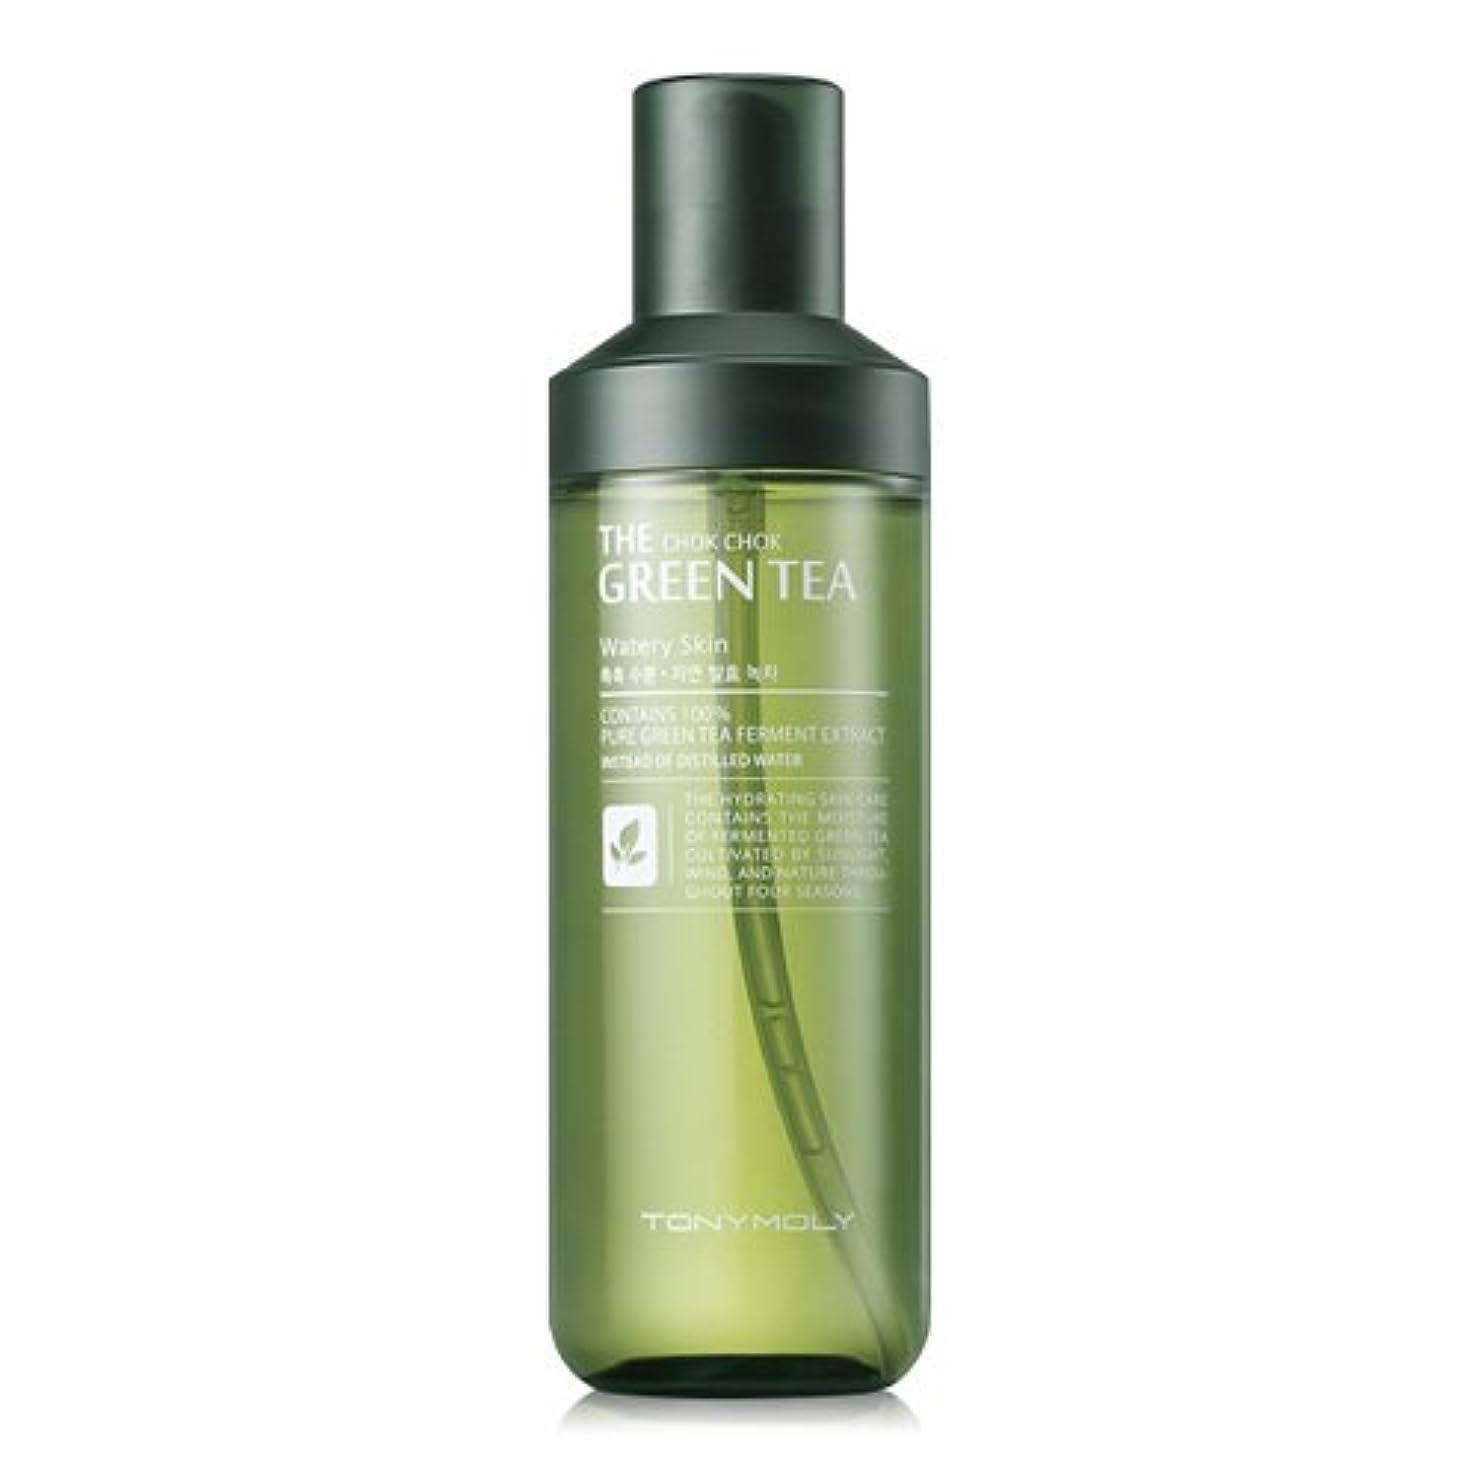 エンターテインメント付添人学部TONYMOLY The Chok Chok Green Tea Watery Skin 180ml/トニーモリー ザ チョクチョク グリーンティー ウォーターリー スキン 180ml